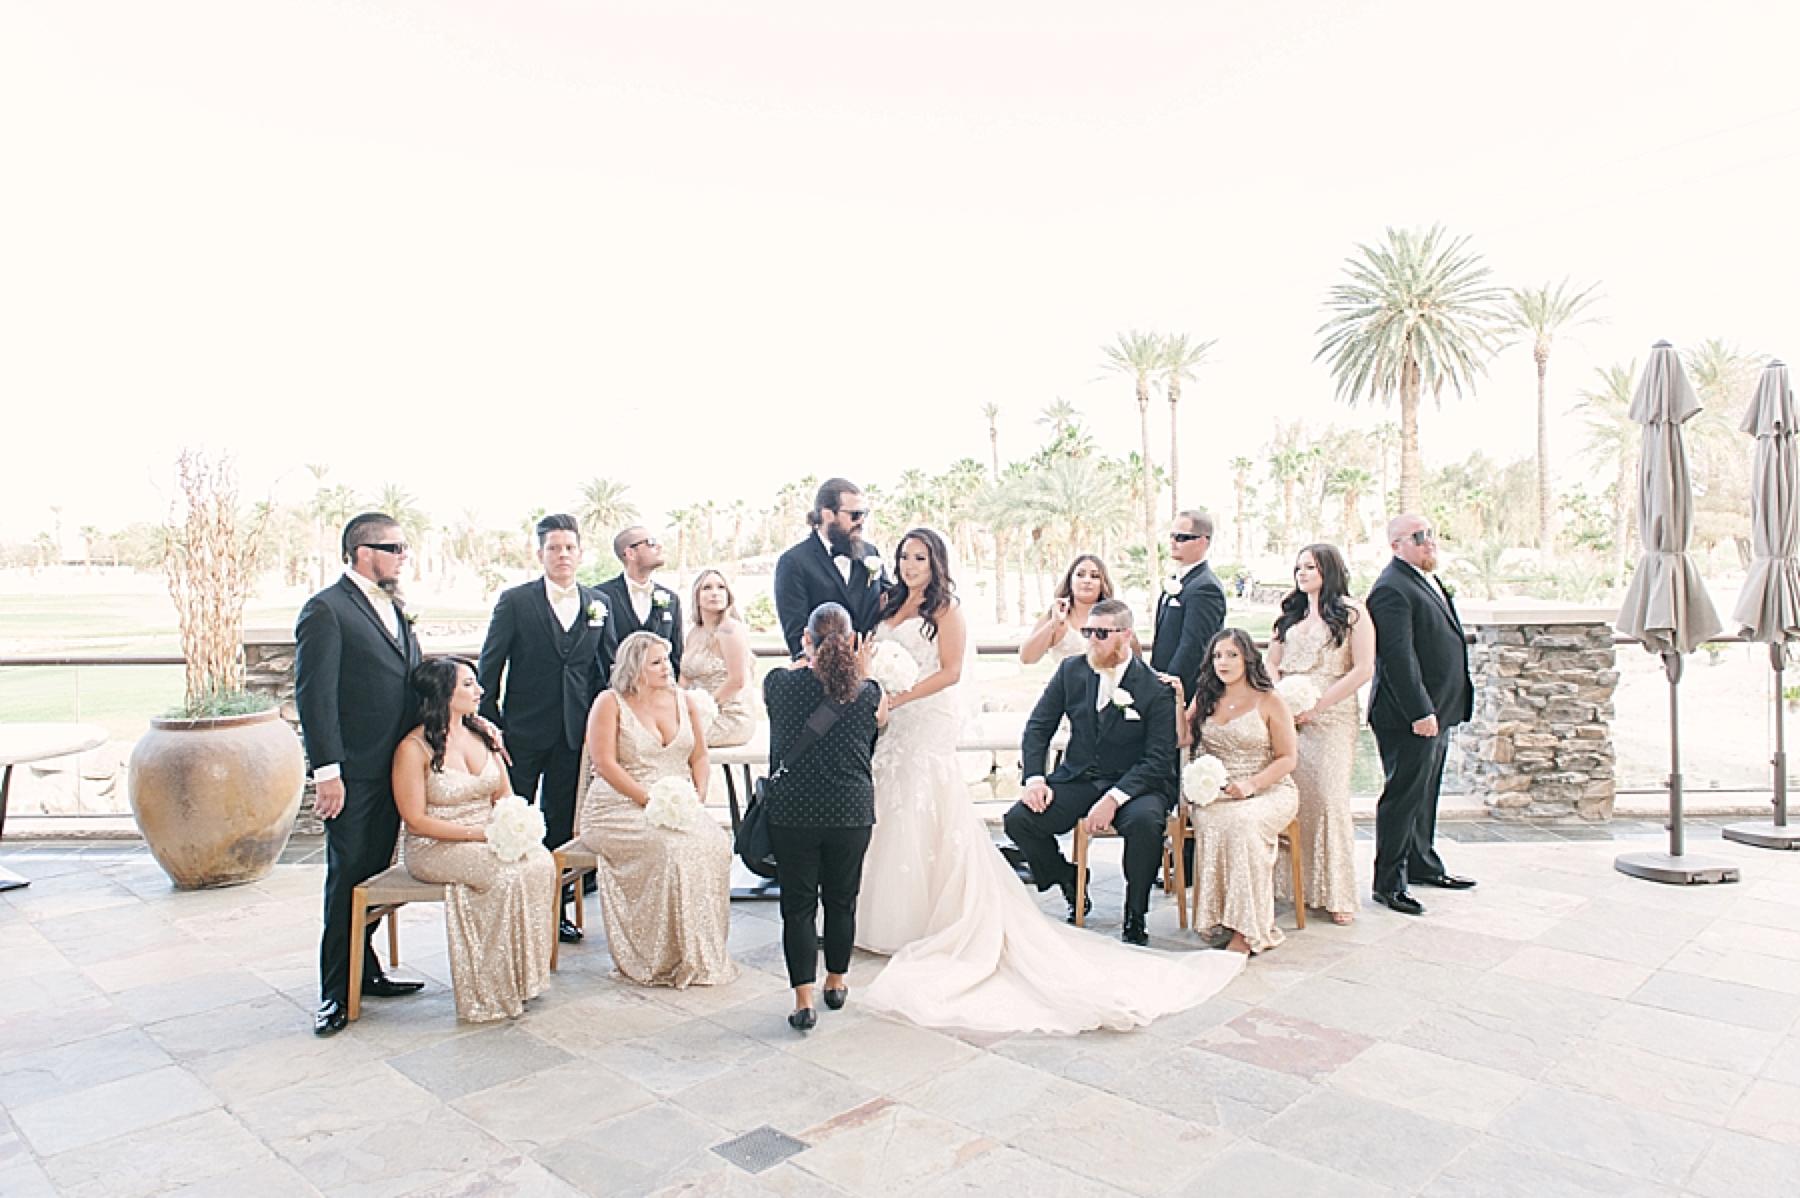 las_vegas_wedding_photographers_behind_the_scenes-03-7.jpg